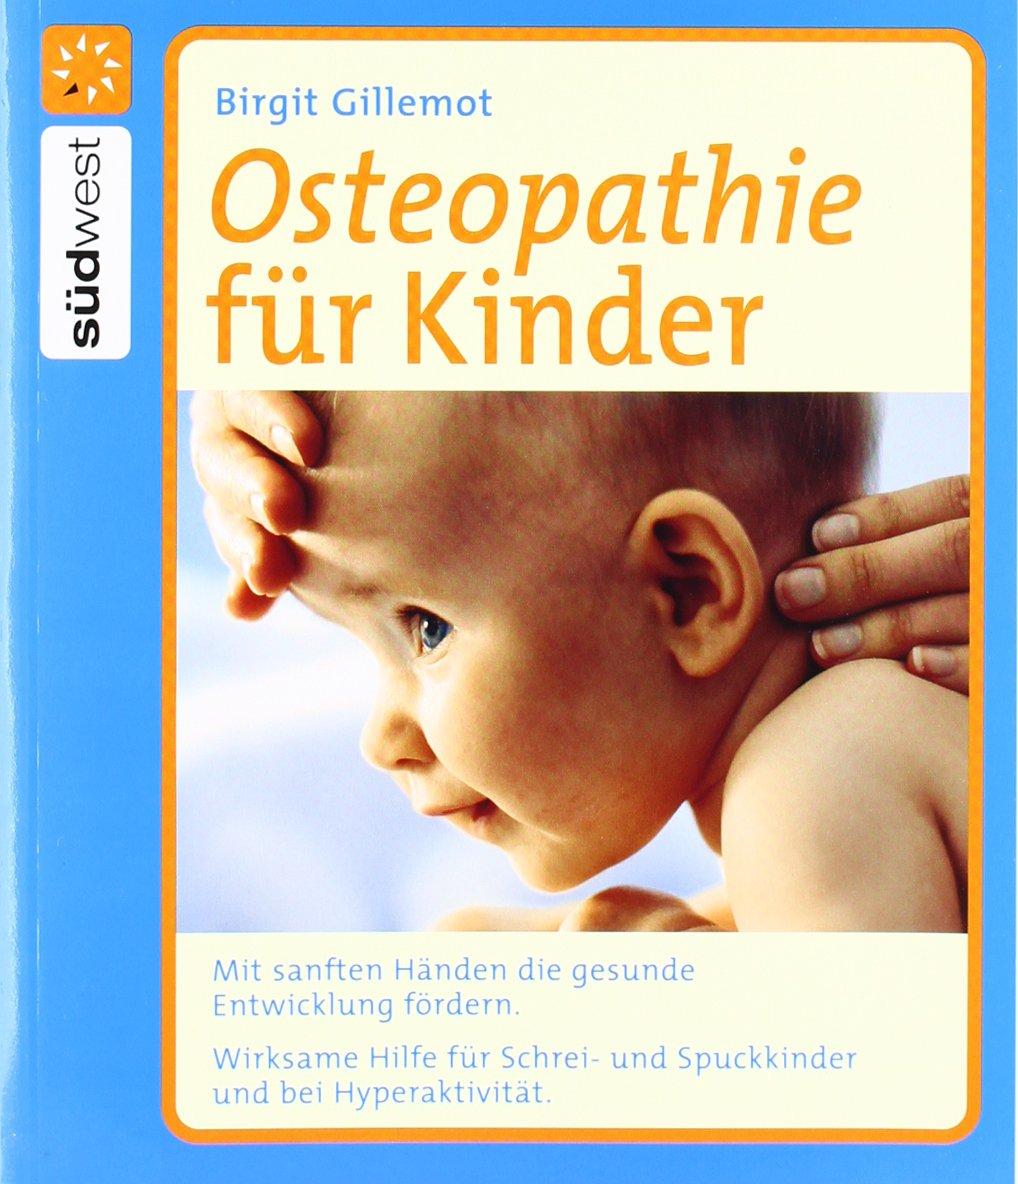 Osteopathie für Kinder: Mit sanften Händen die gesunde Entwicklung fördern. Wirksame Hilfe für Schrei- und Spuckkinder und bei Hyperaktivität.